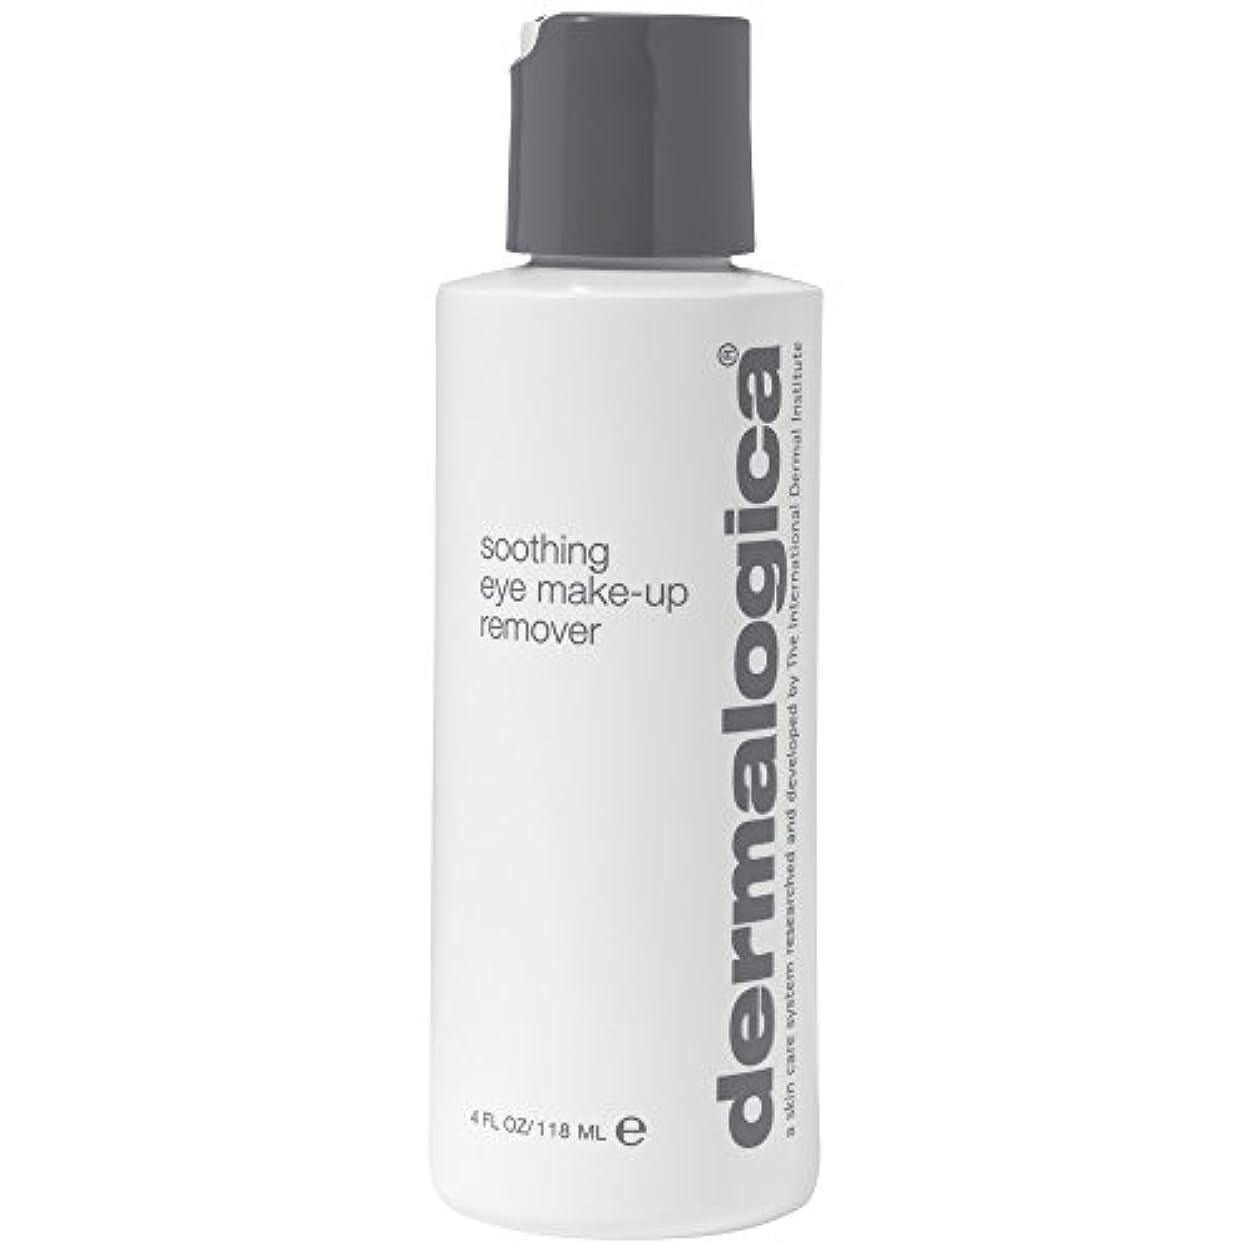 華氏咳はしごダーマロジカなだめるアイメイクアップリムーバーの118ミリリットル (Dermalogica) (x6) - Dermalogica Soothing Eye Makeup Remover 118ml (Pack of...